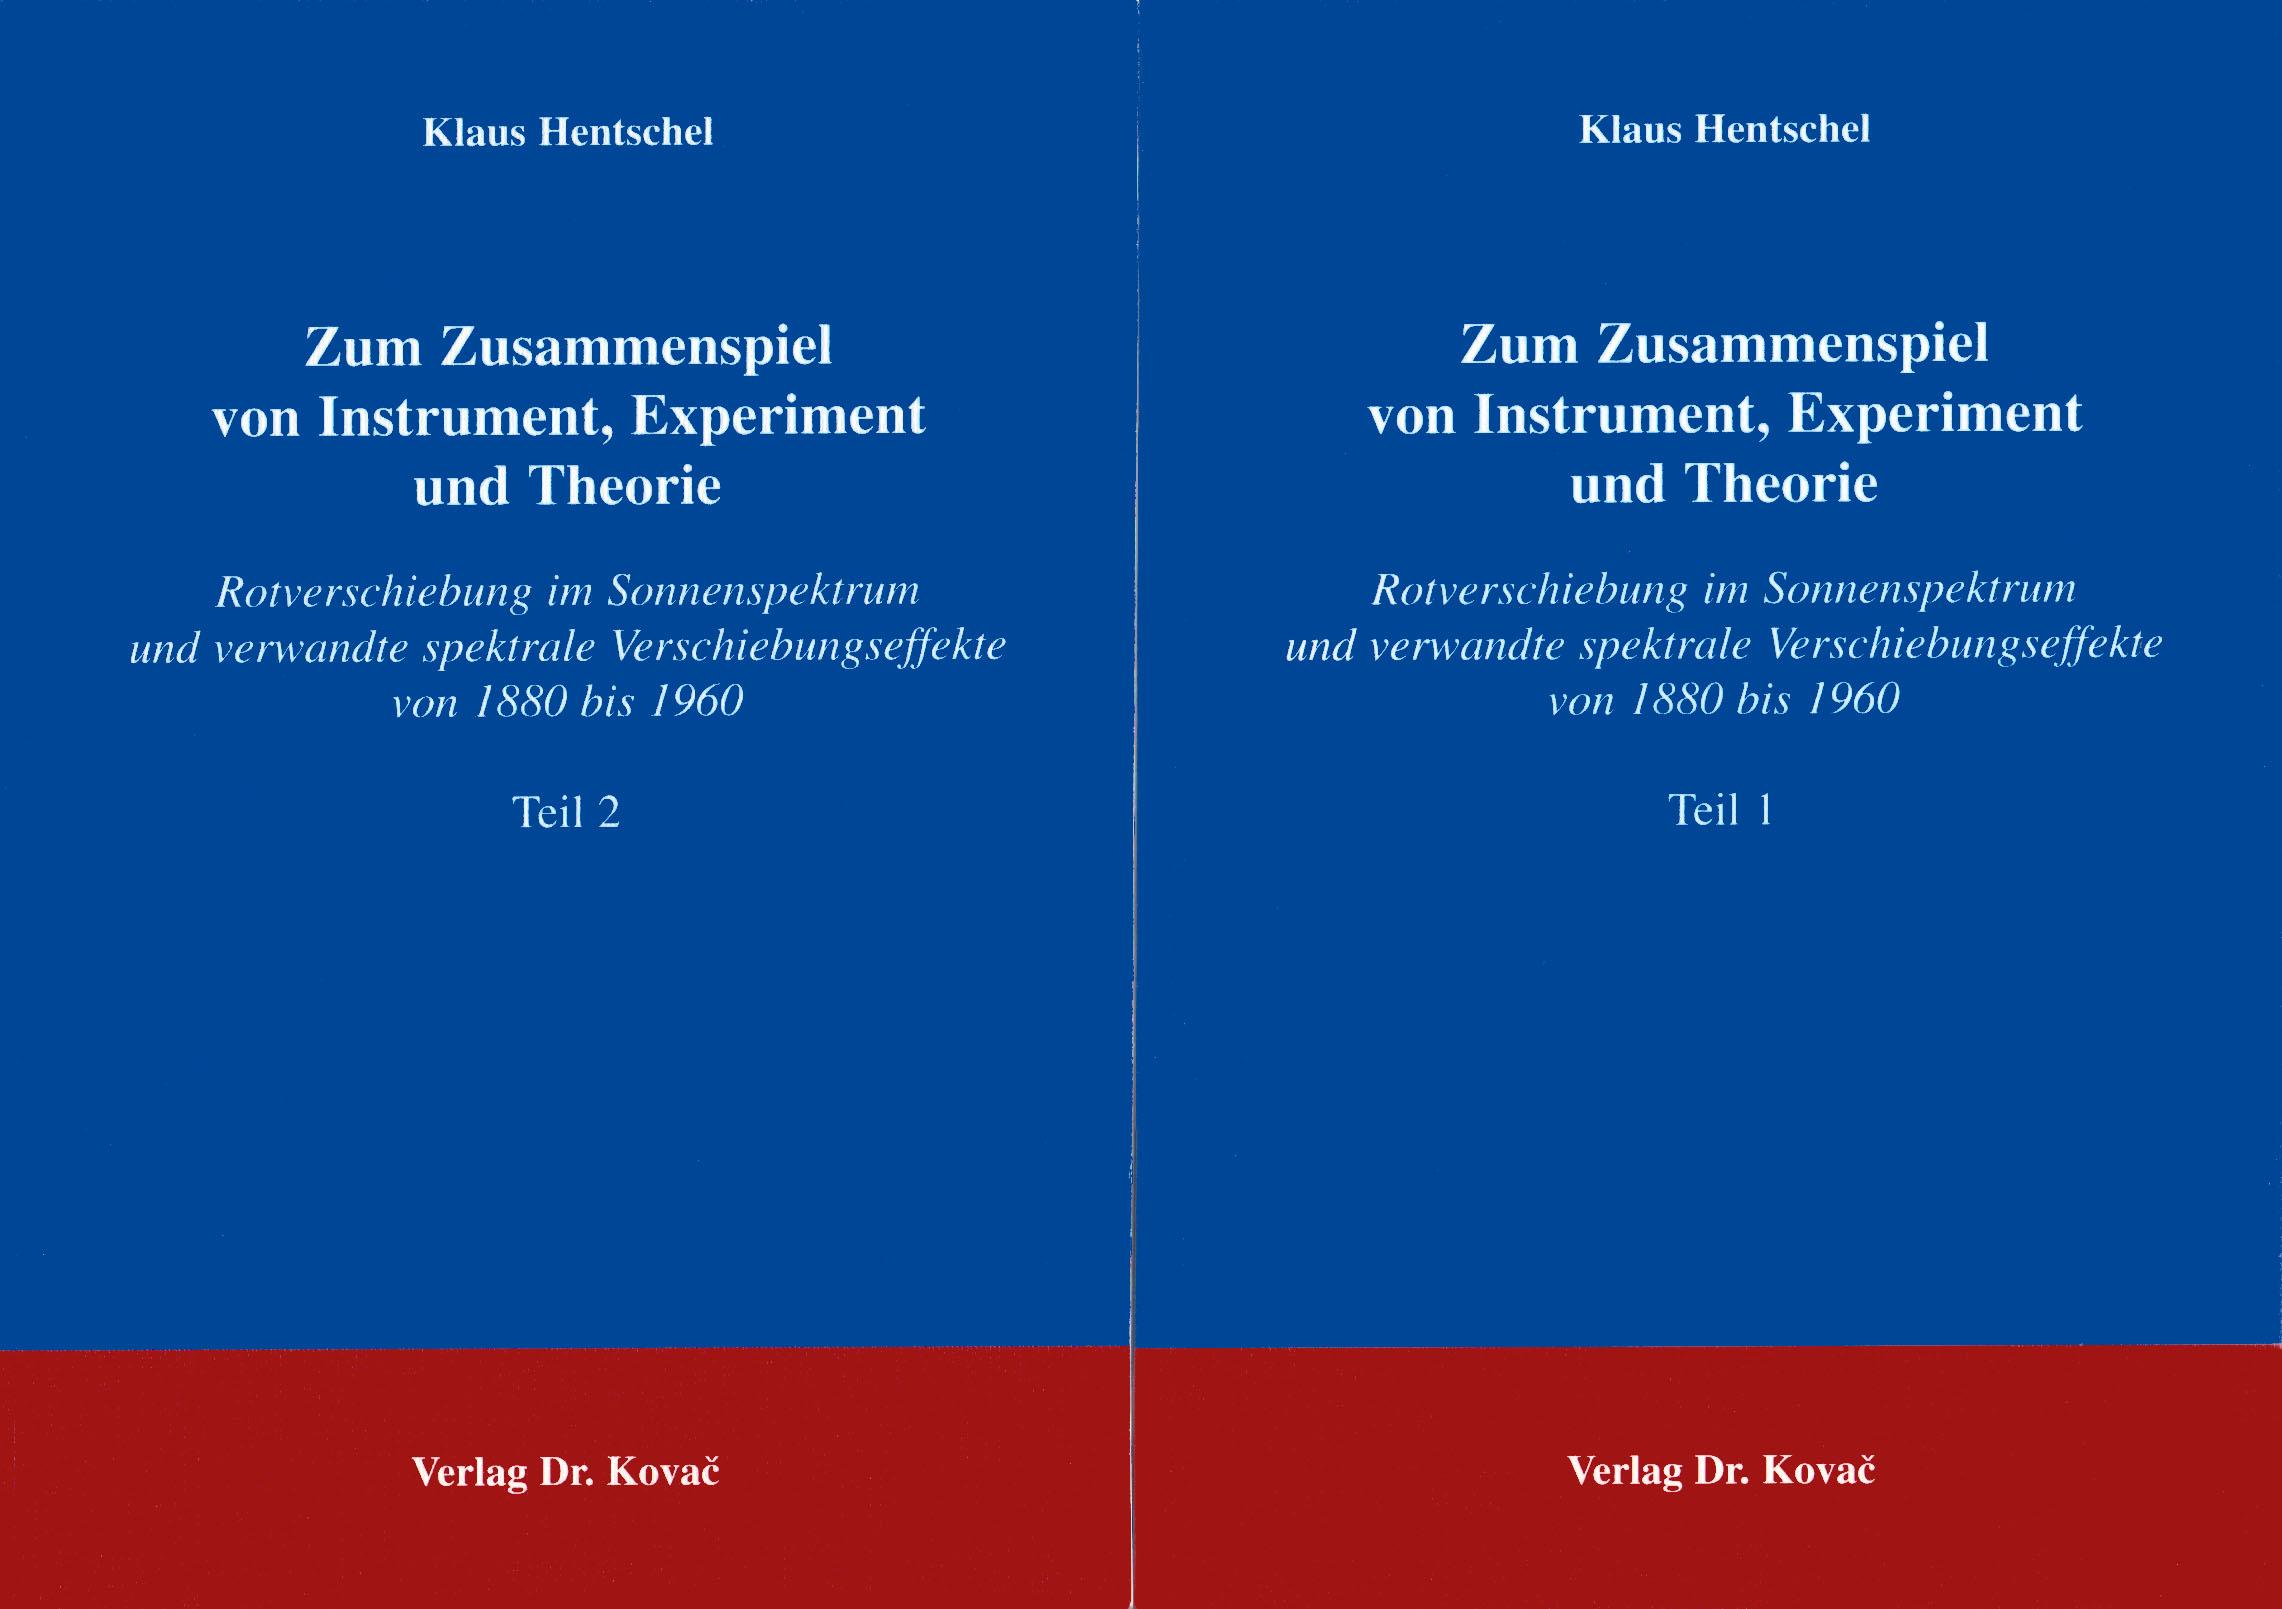 Cover: Zum Zusammenspiel von Instrument, Experiment und Theorie